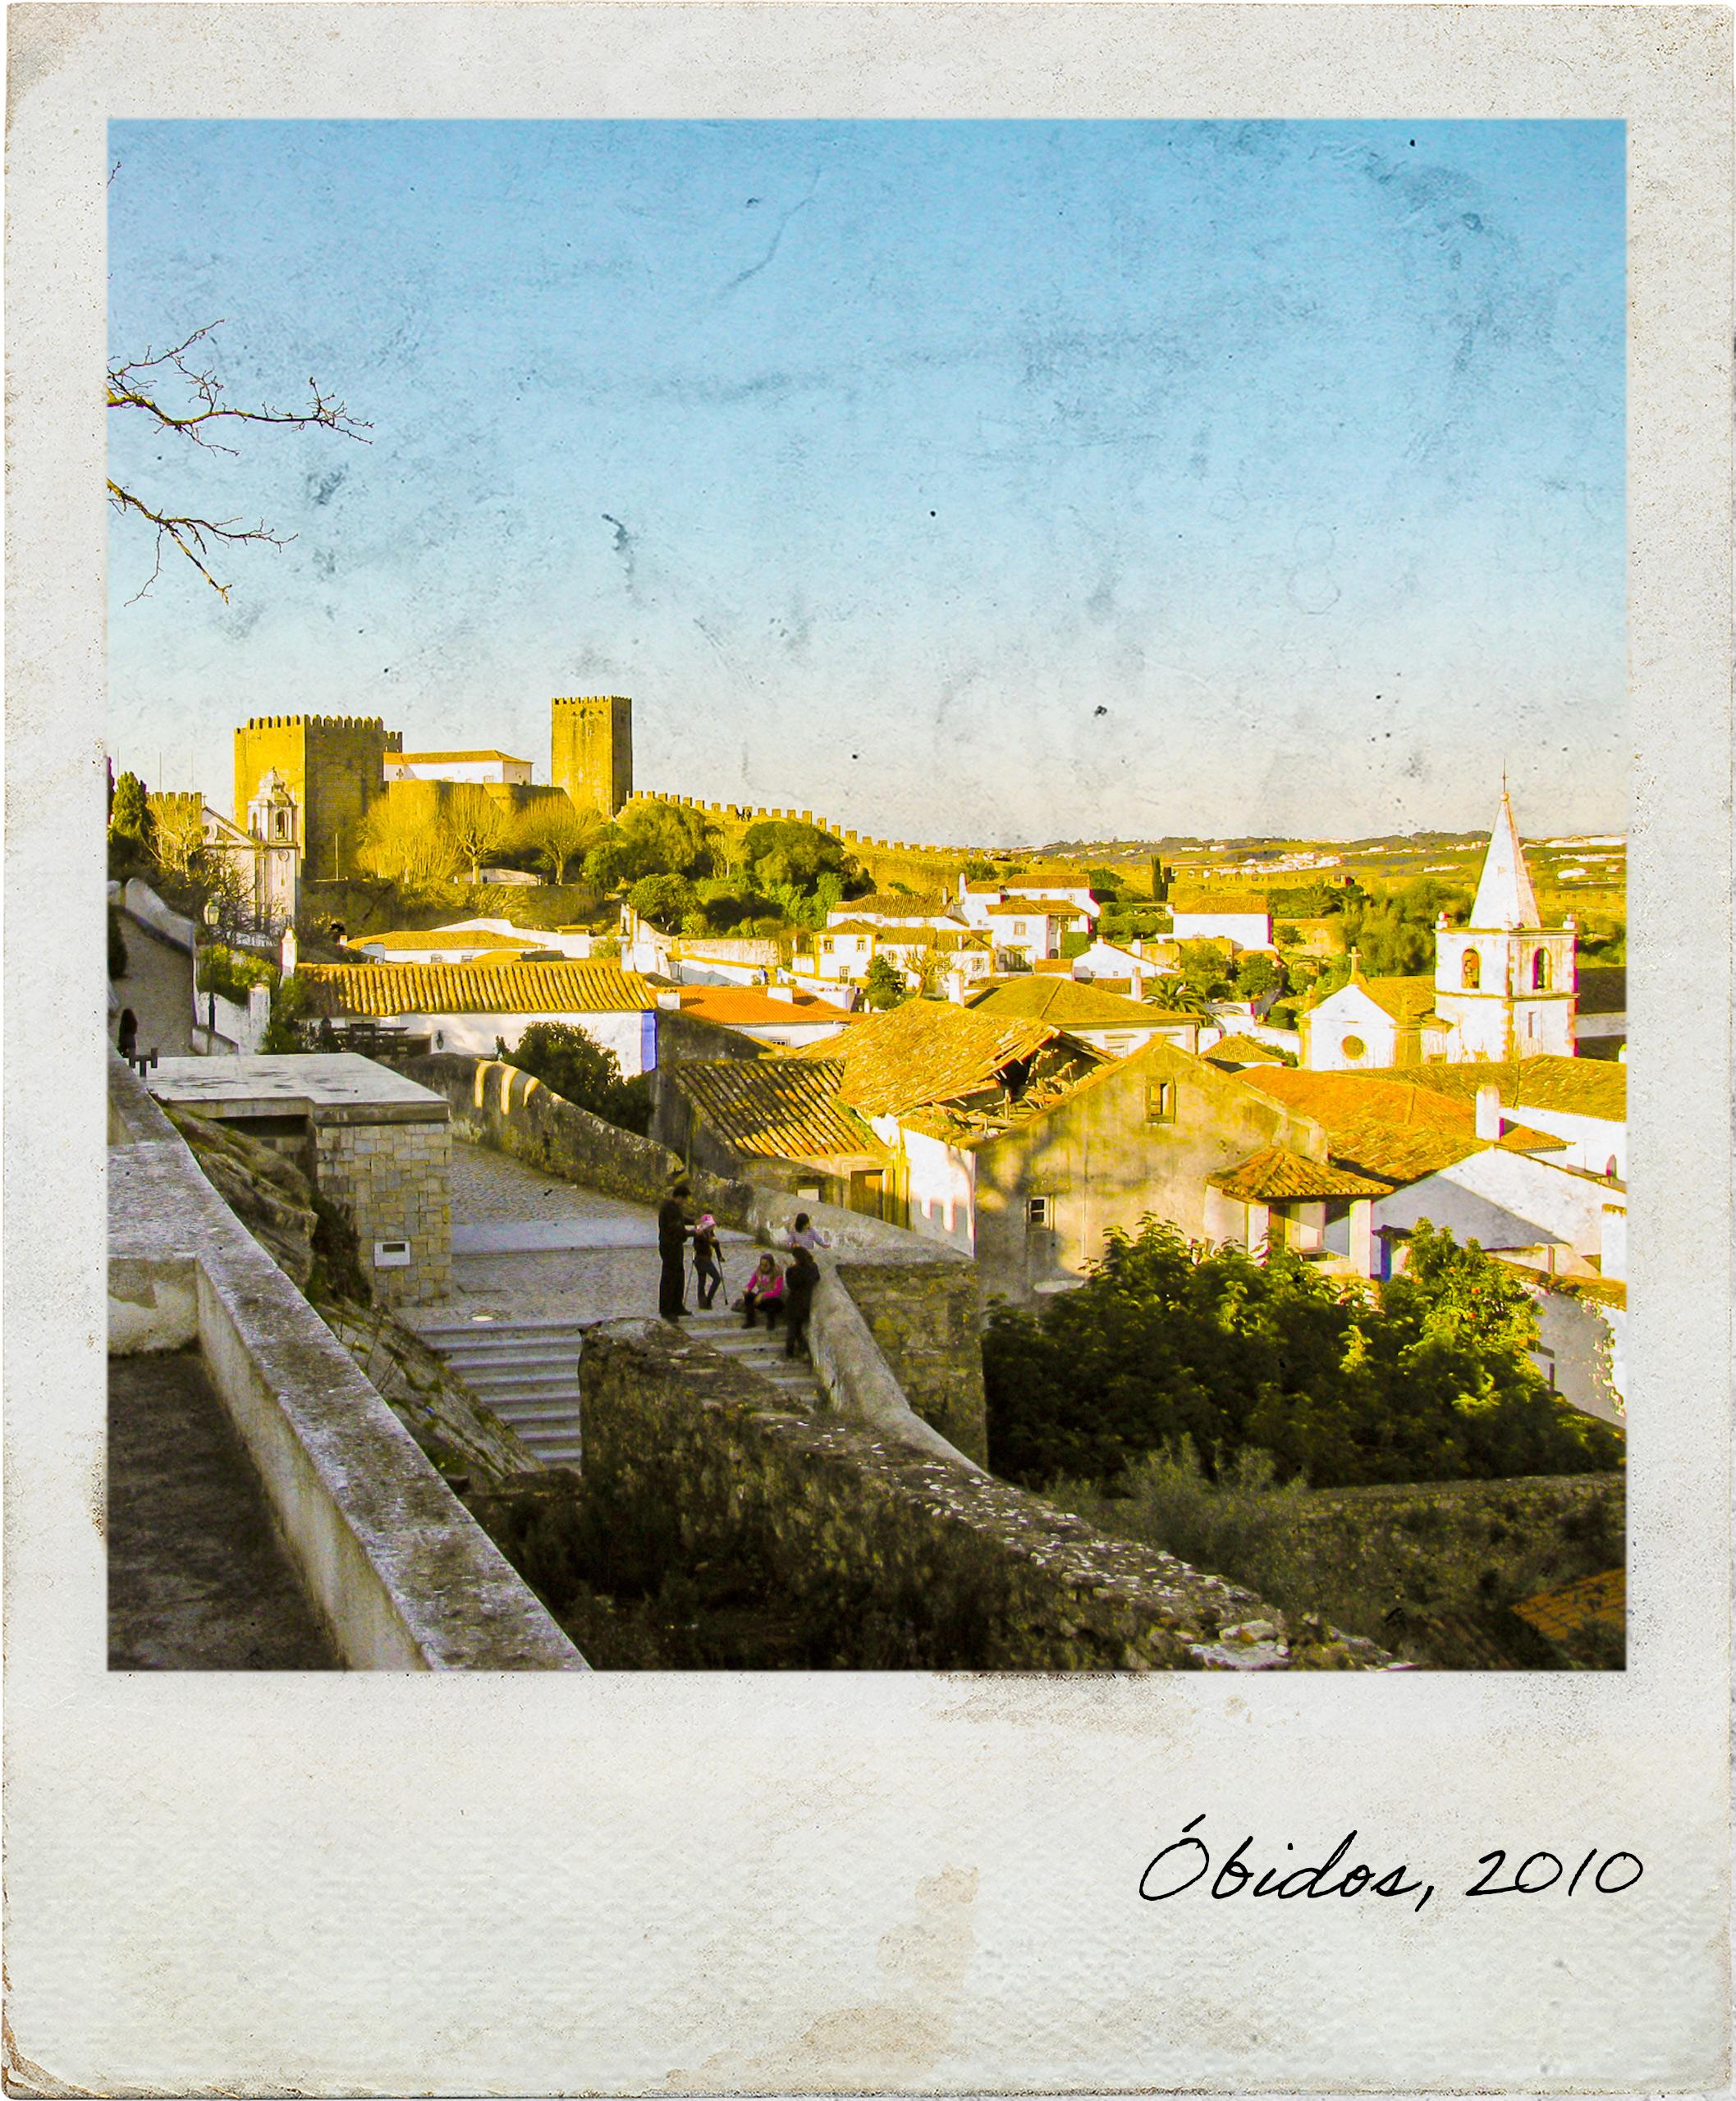 Miradouro em Óbidos